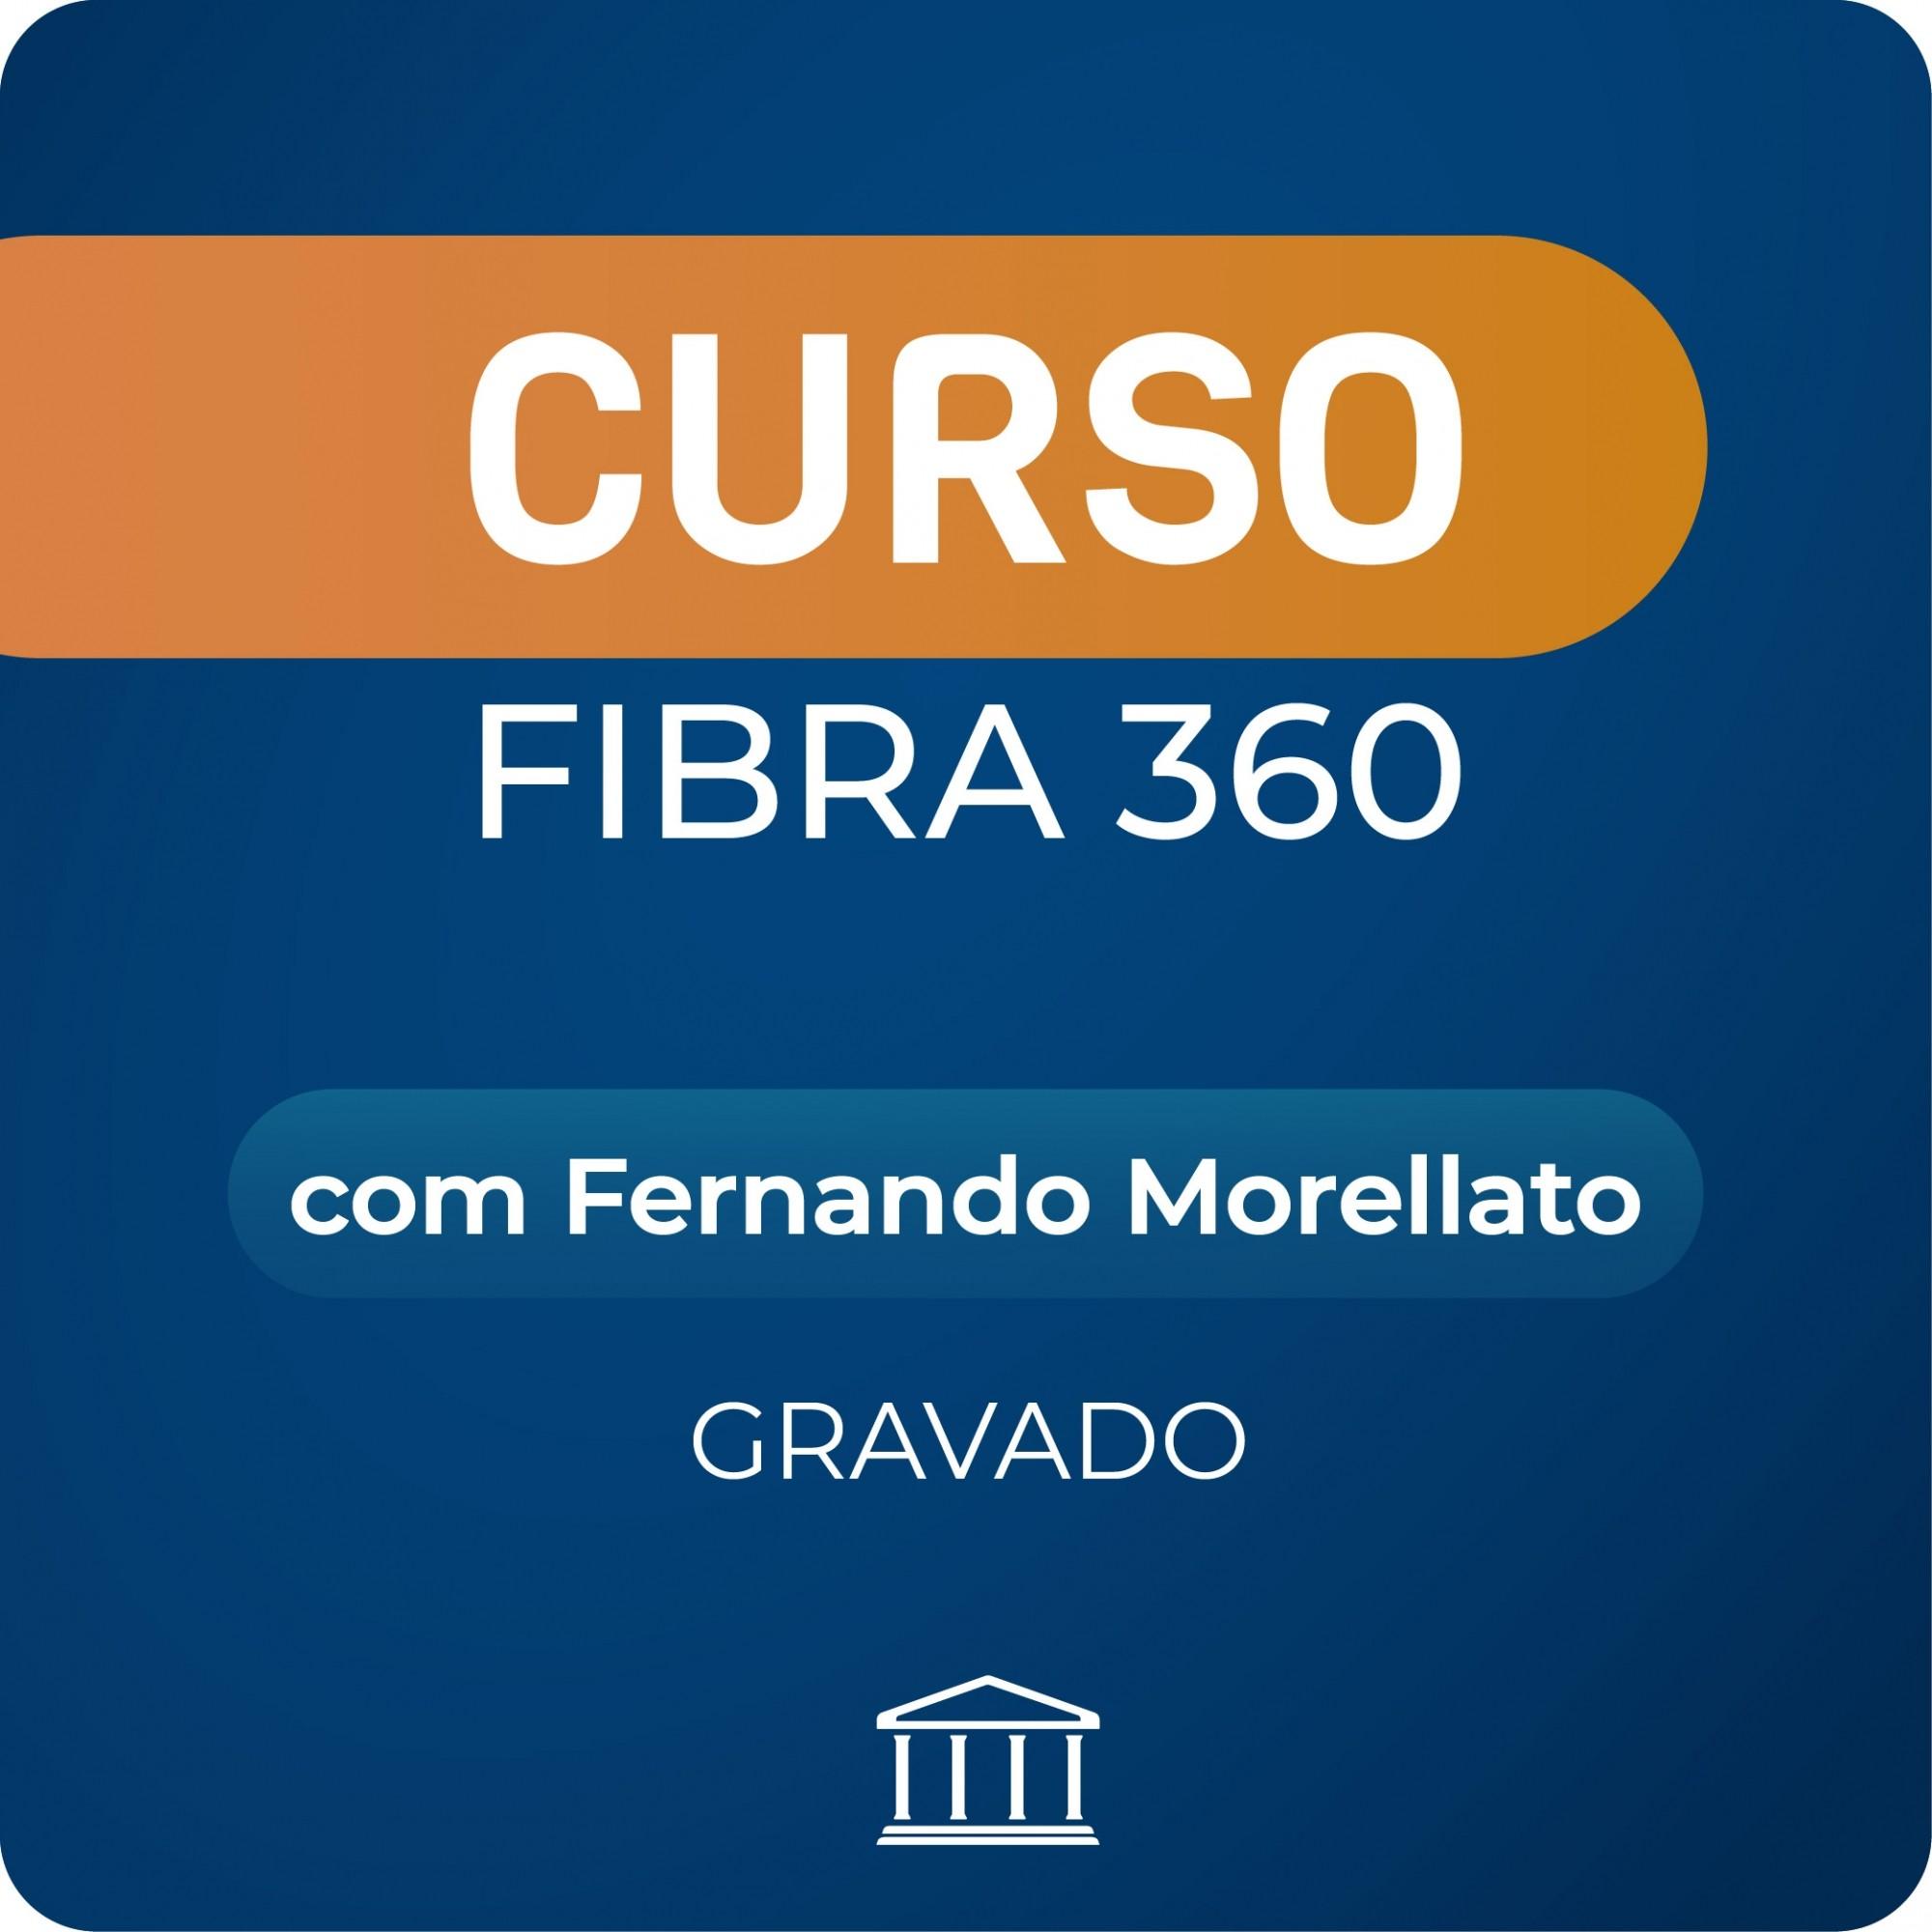 Curso Fibra360 com Fernando Morellato - GRAVADO  - Voz e Dados